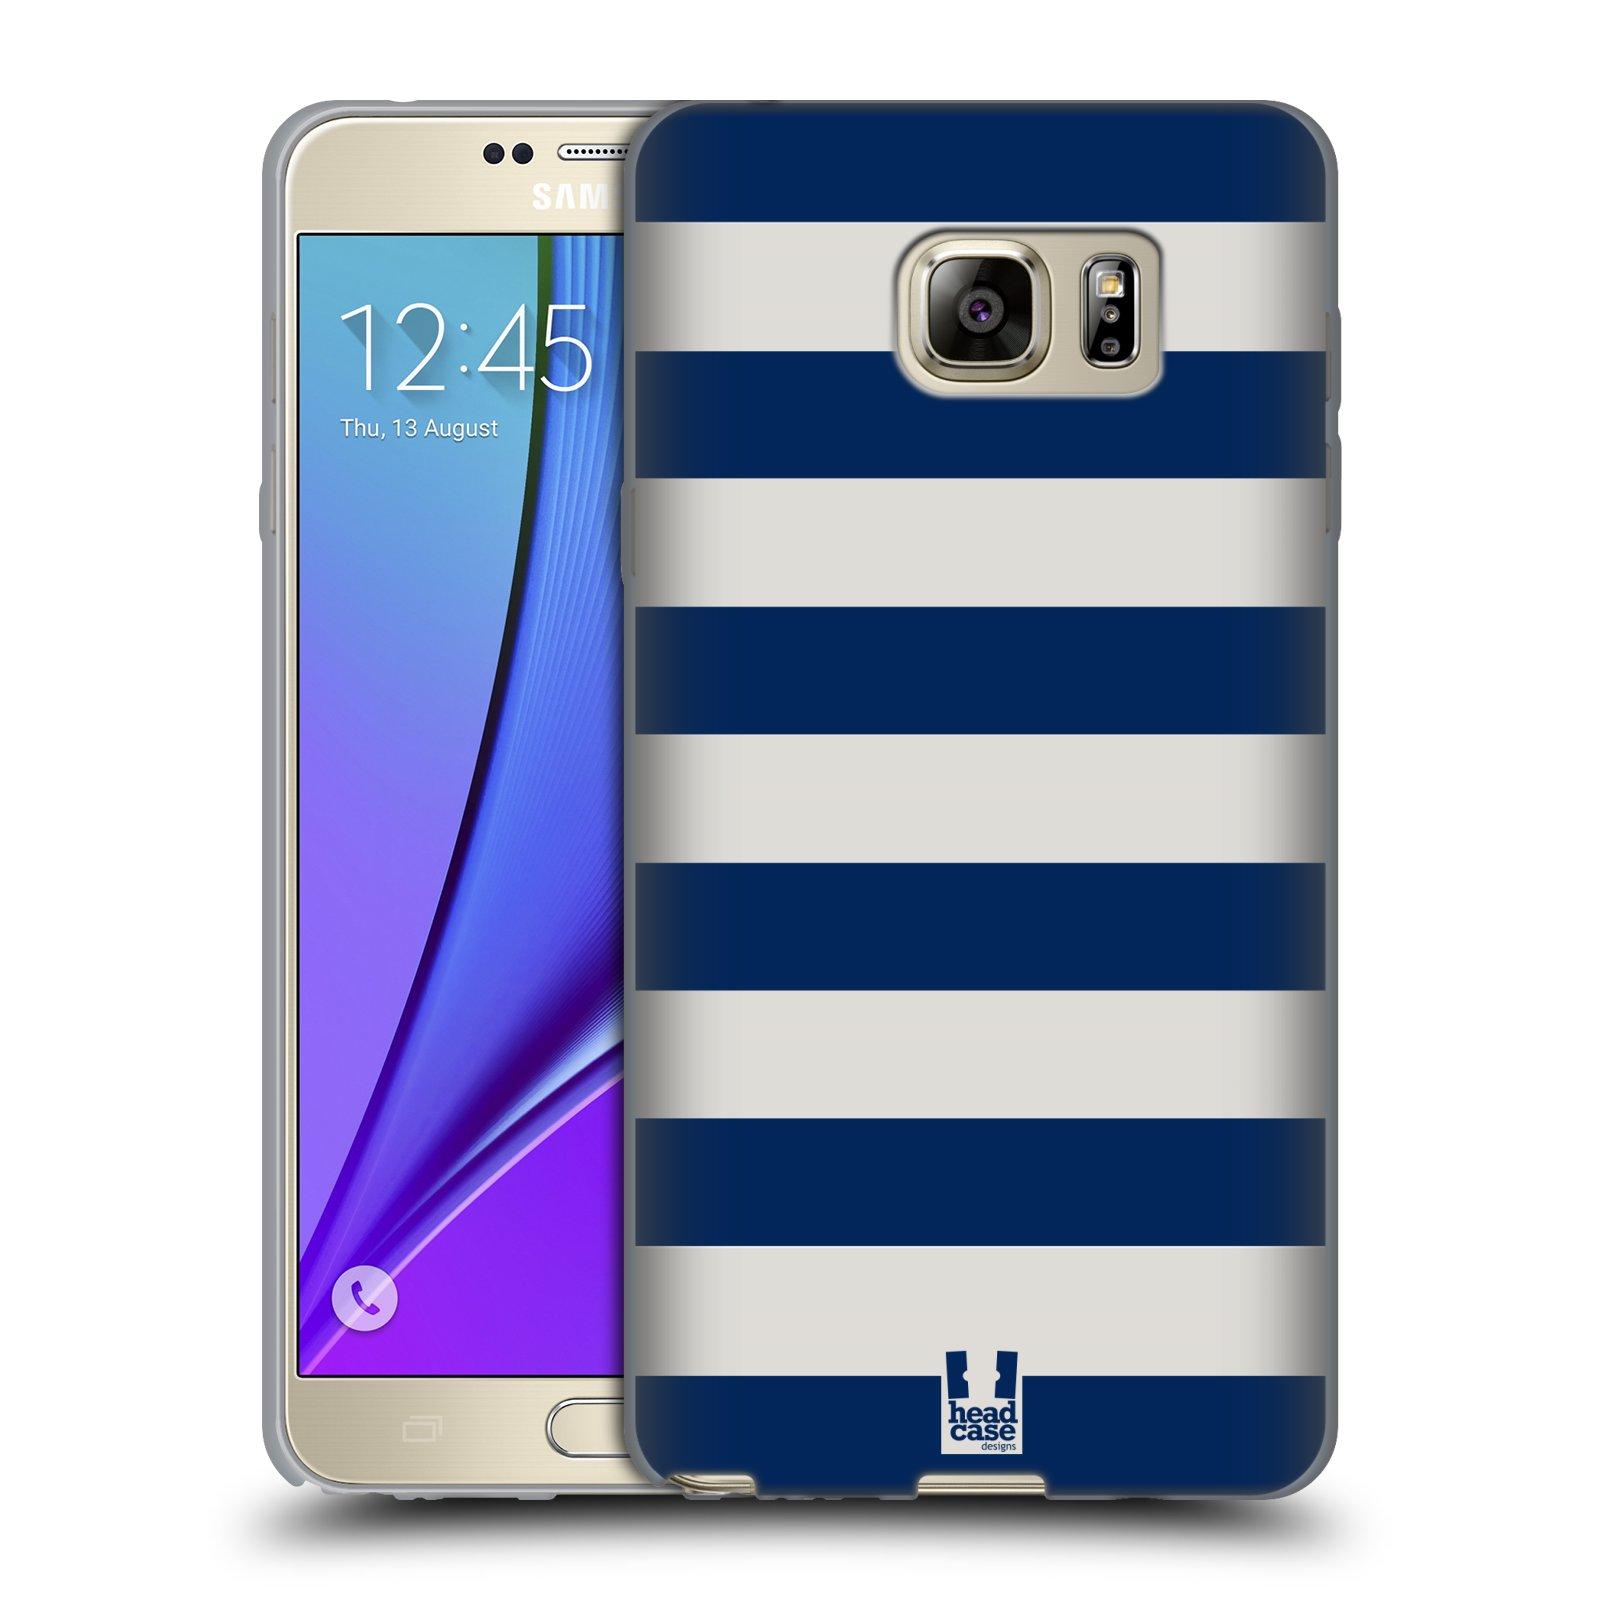 HEAD CASE silikonový obal na mobil Samsung Galaxy Note 5 (N920) vzor Barevné proužky MODRÁ A BÍLÁ NÁMOŘNÍK